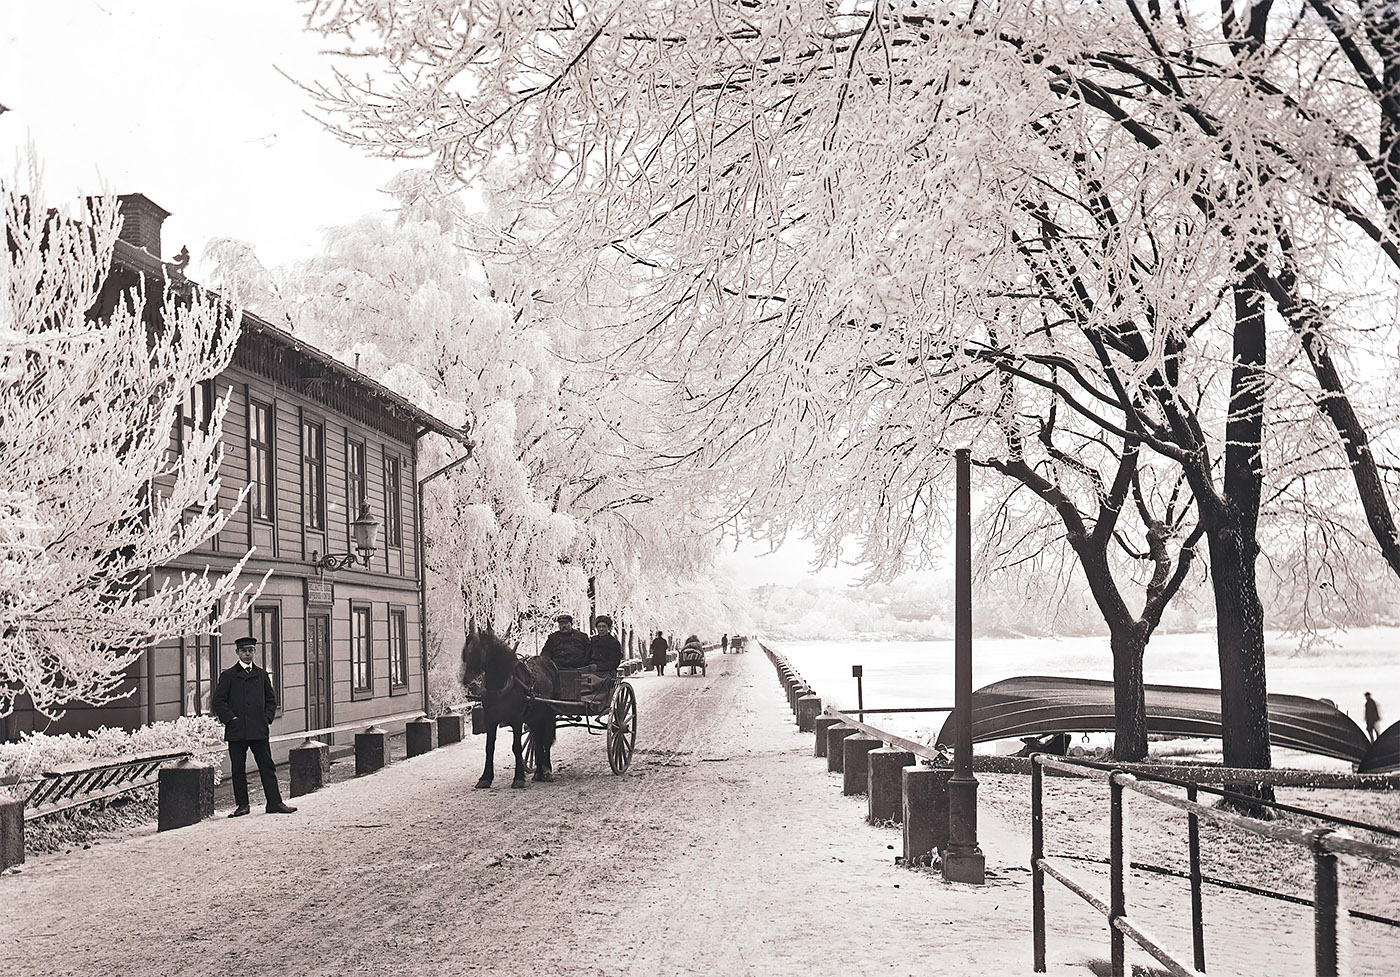 Trollhätte kanals uppbördskontor och Dalbobron. Foto tidigt 1900-tal ur Vänersborgs Söners Gilles arkiv.